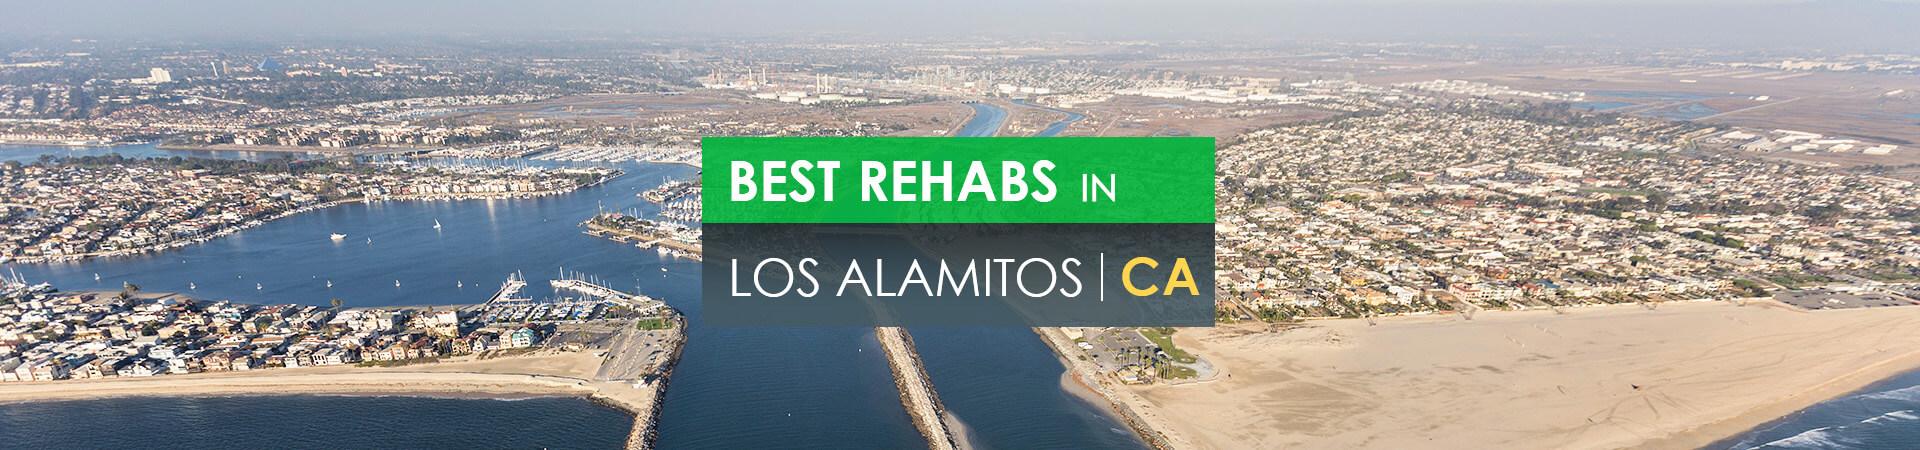 Best rehabs in Los Alamitos, CA